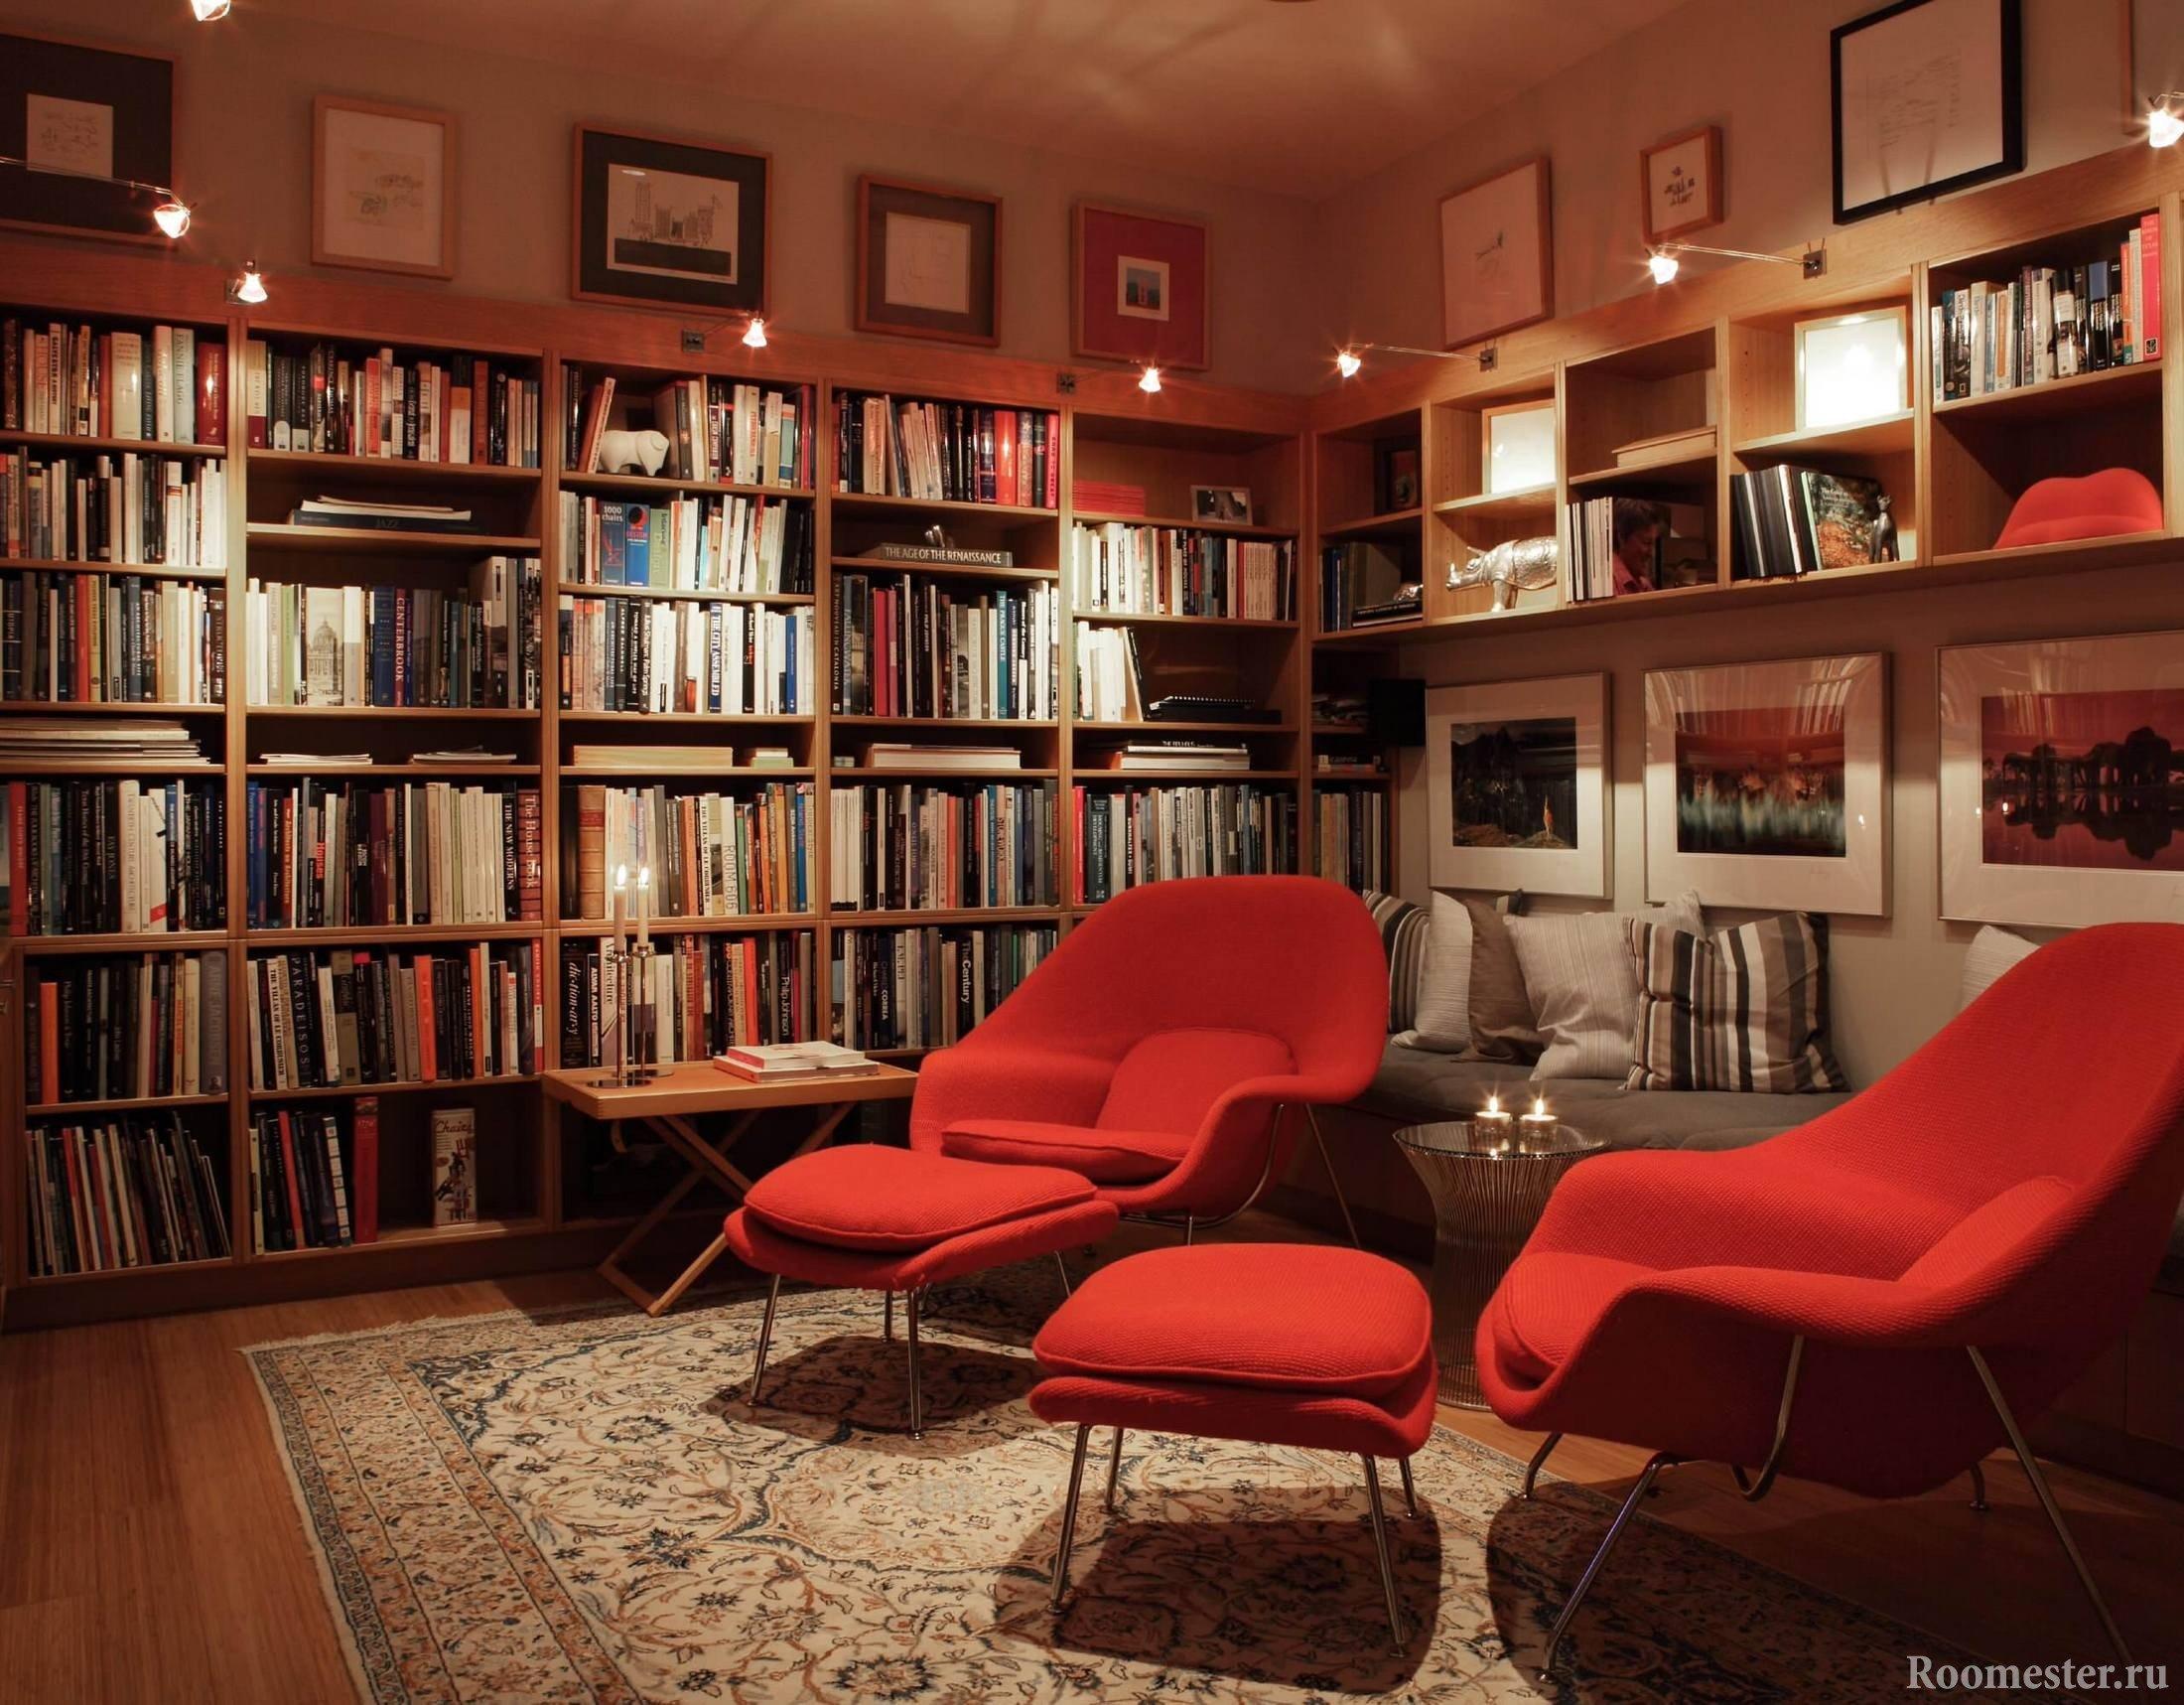 Современные кресла в библиотеке